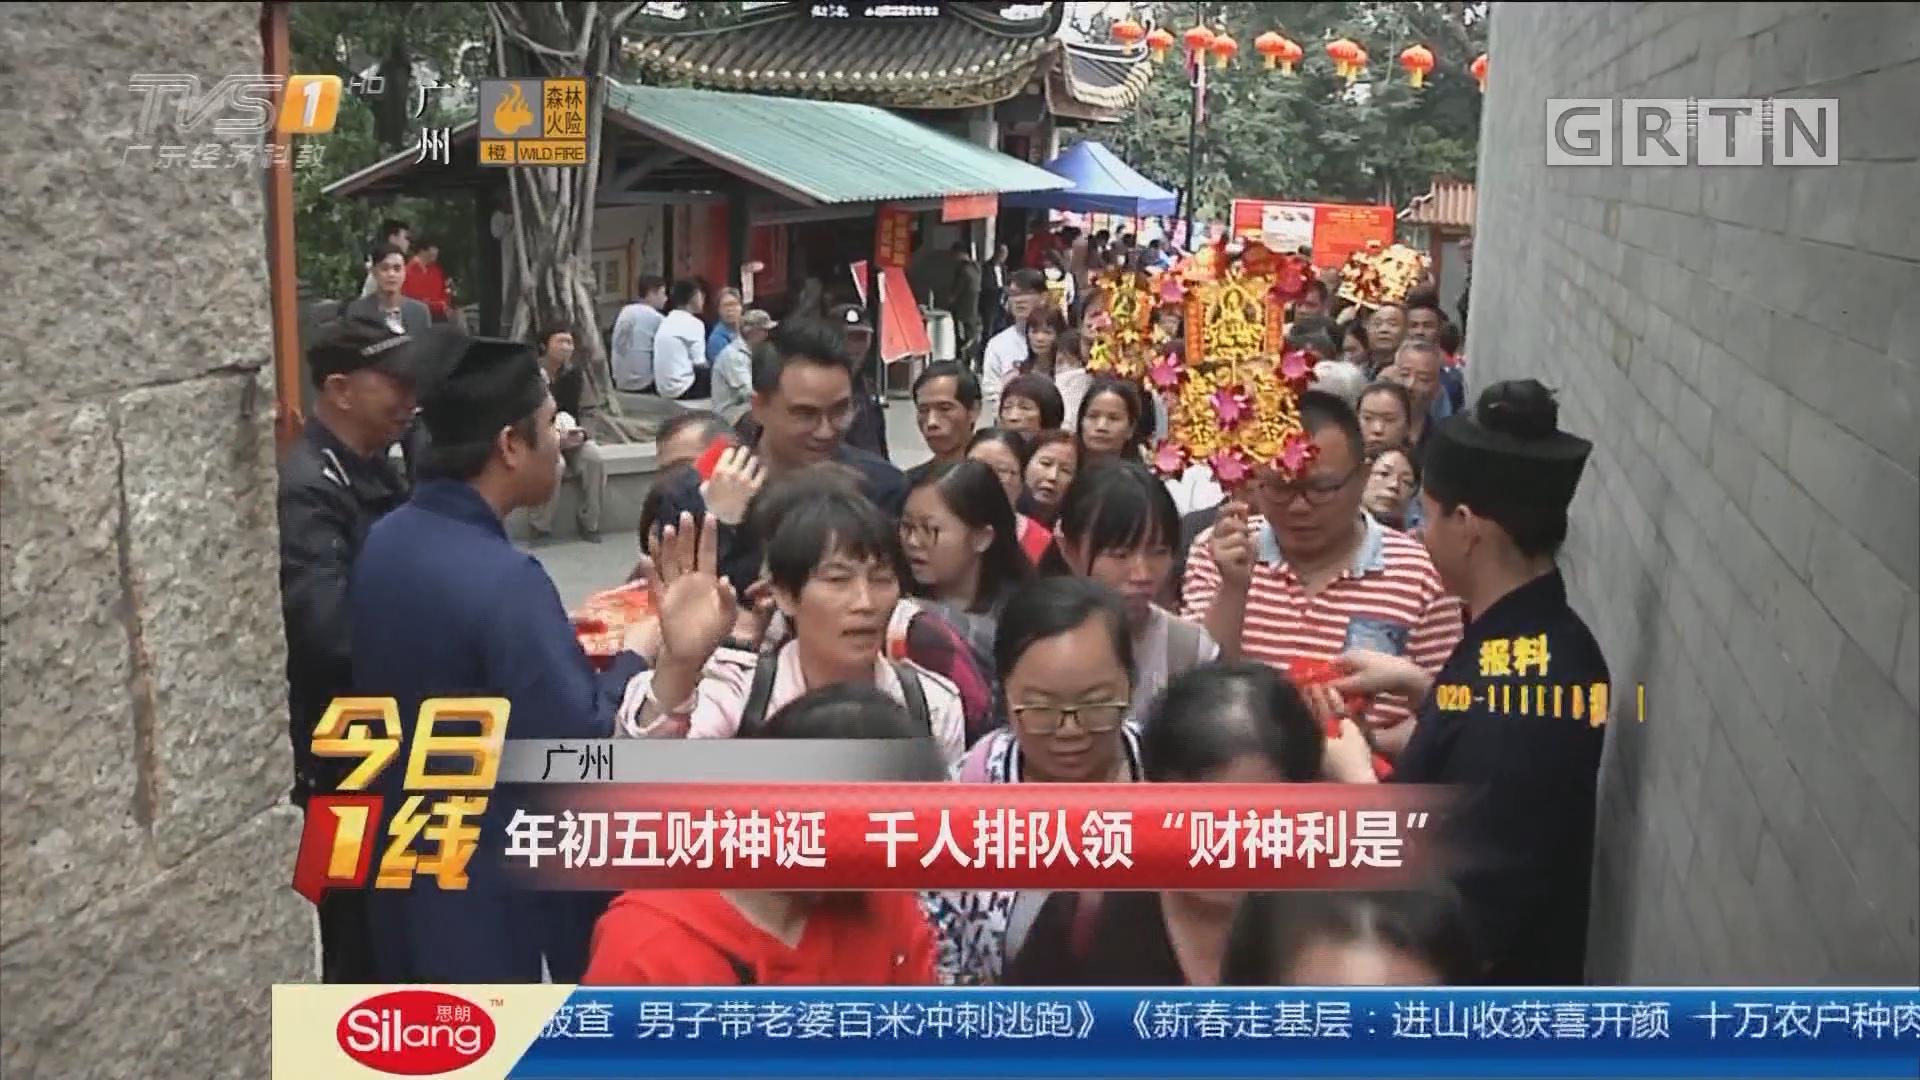 """广州:年初五财神诞 千人排队领""""财神利是"""""""